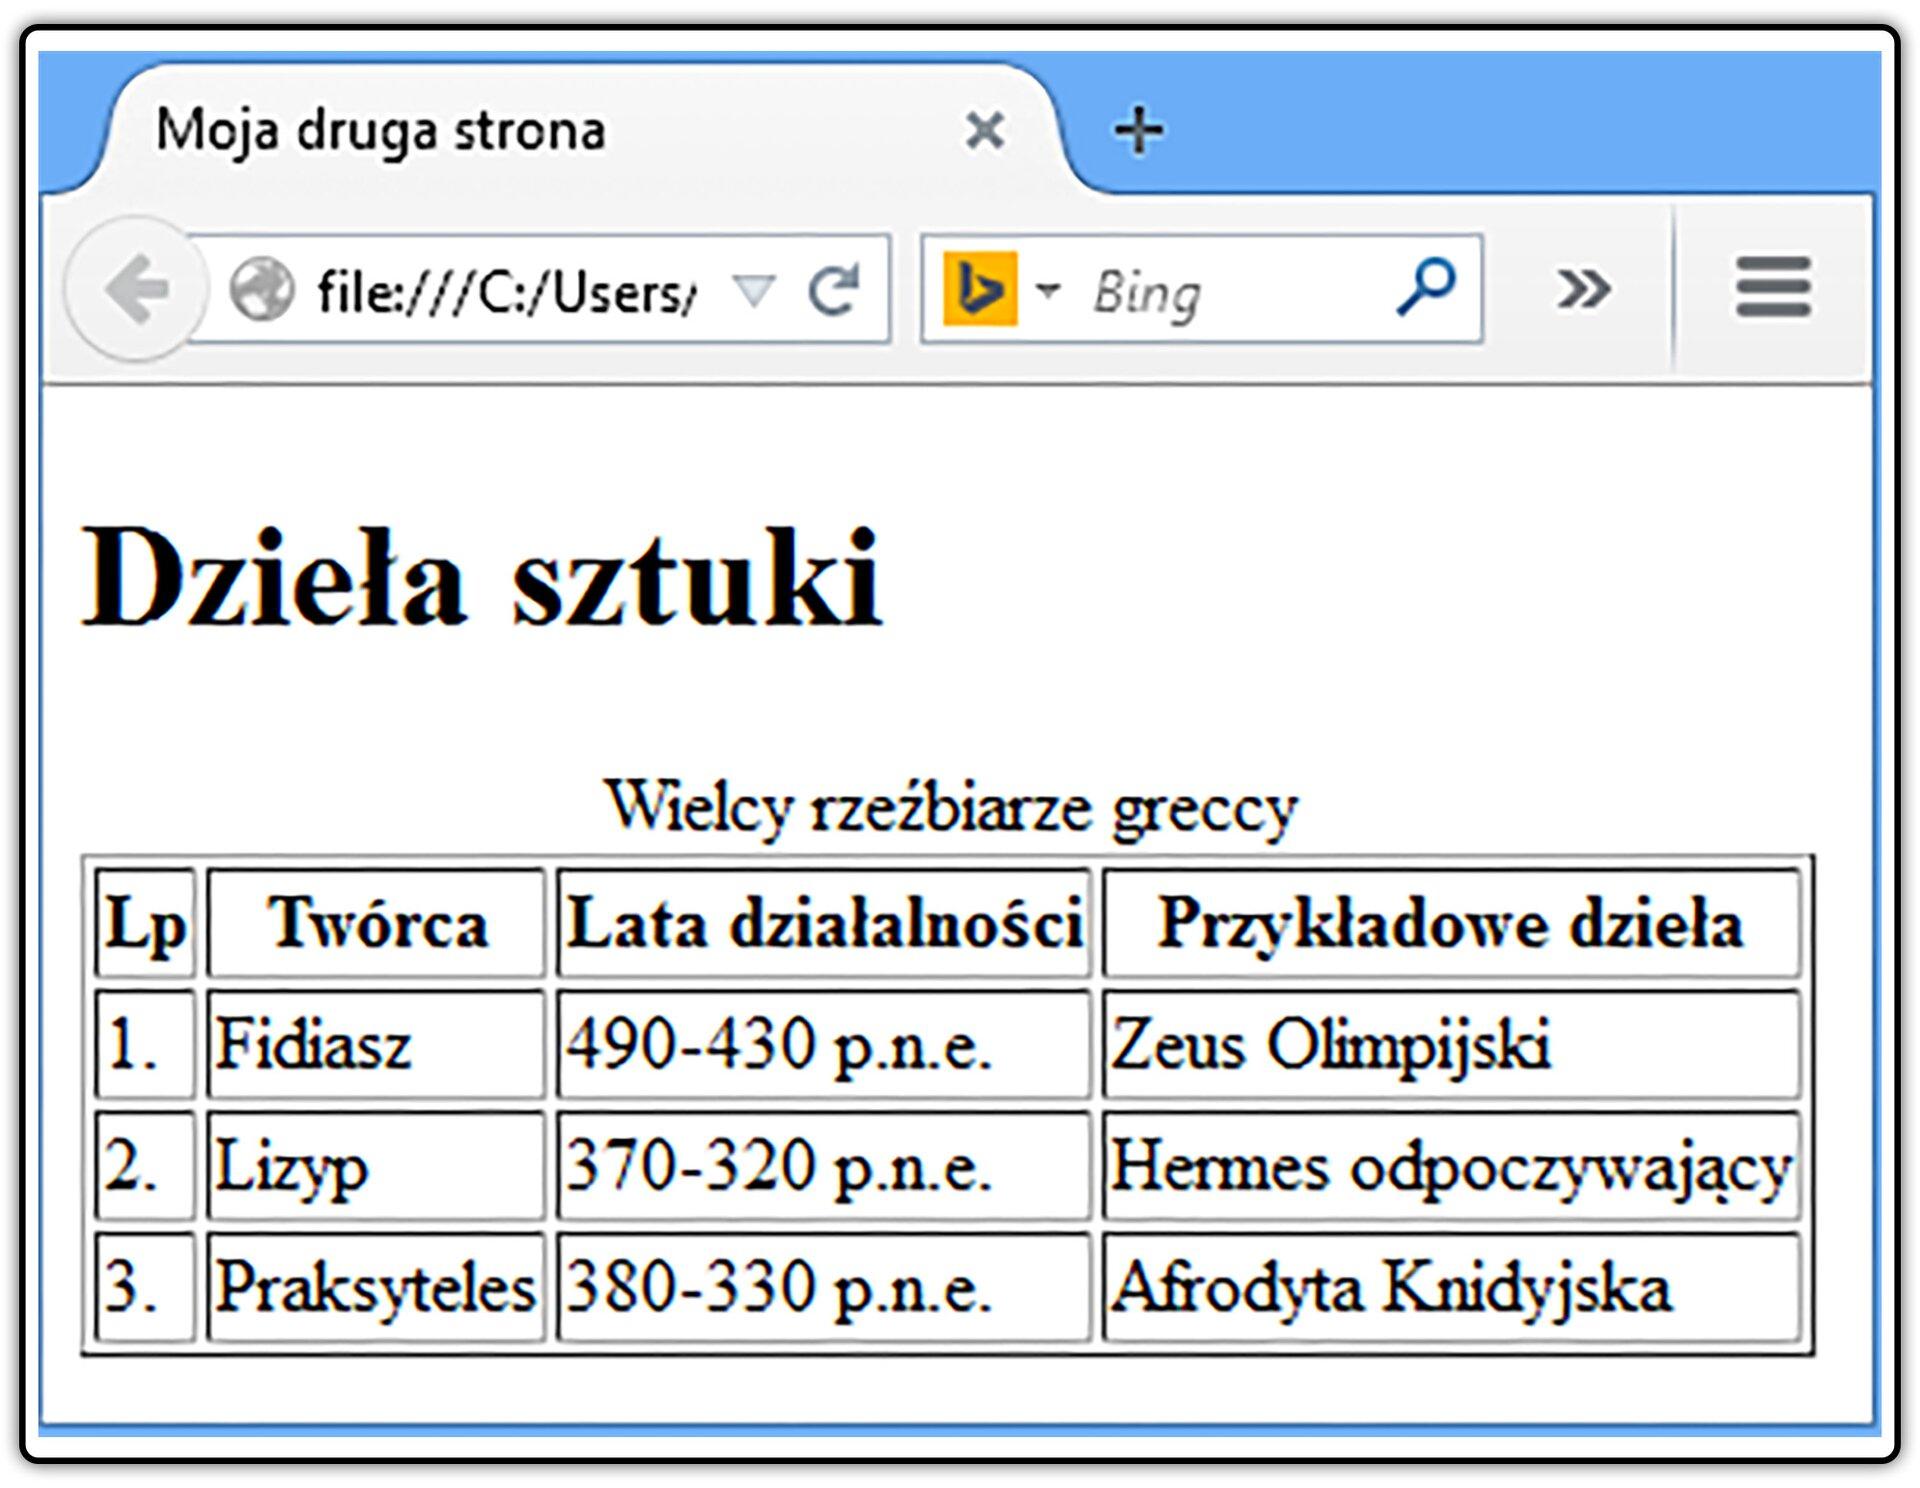 Zrzut widoku strony dokumentu HTML zwidoczna tabelą: Wielcy rzeźbiarze greccy